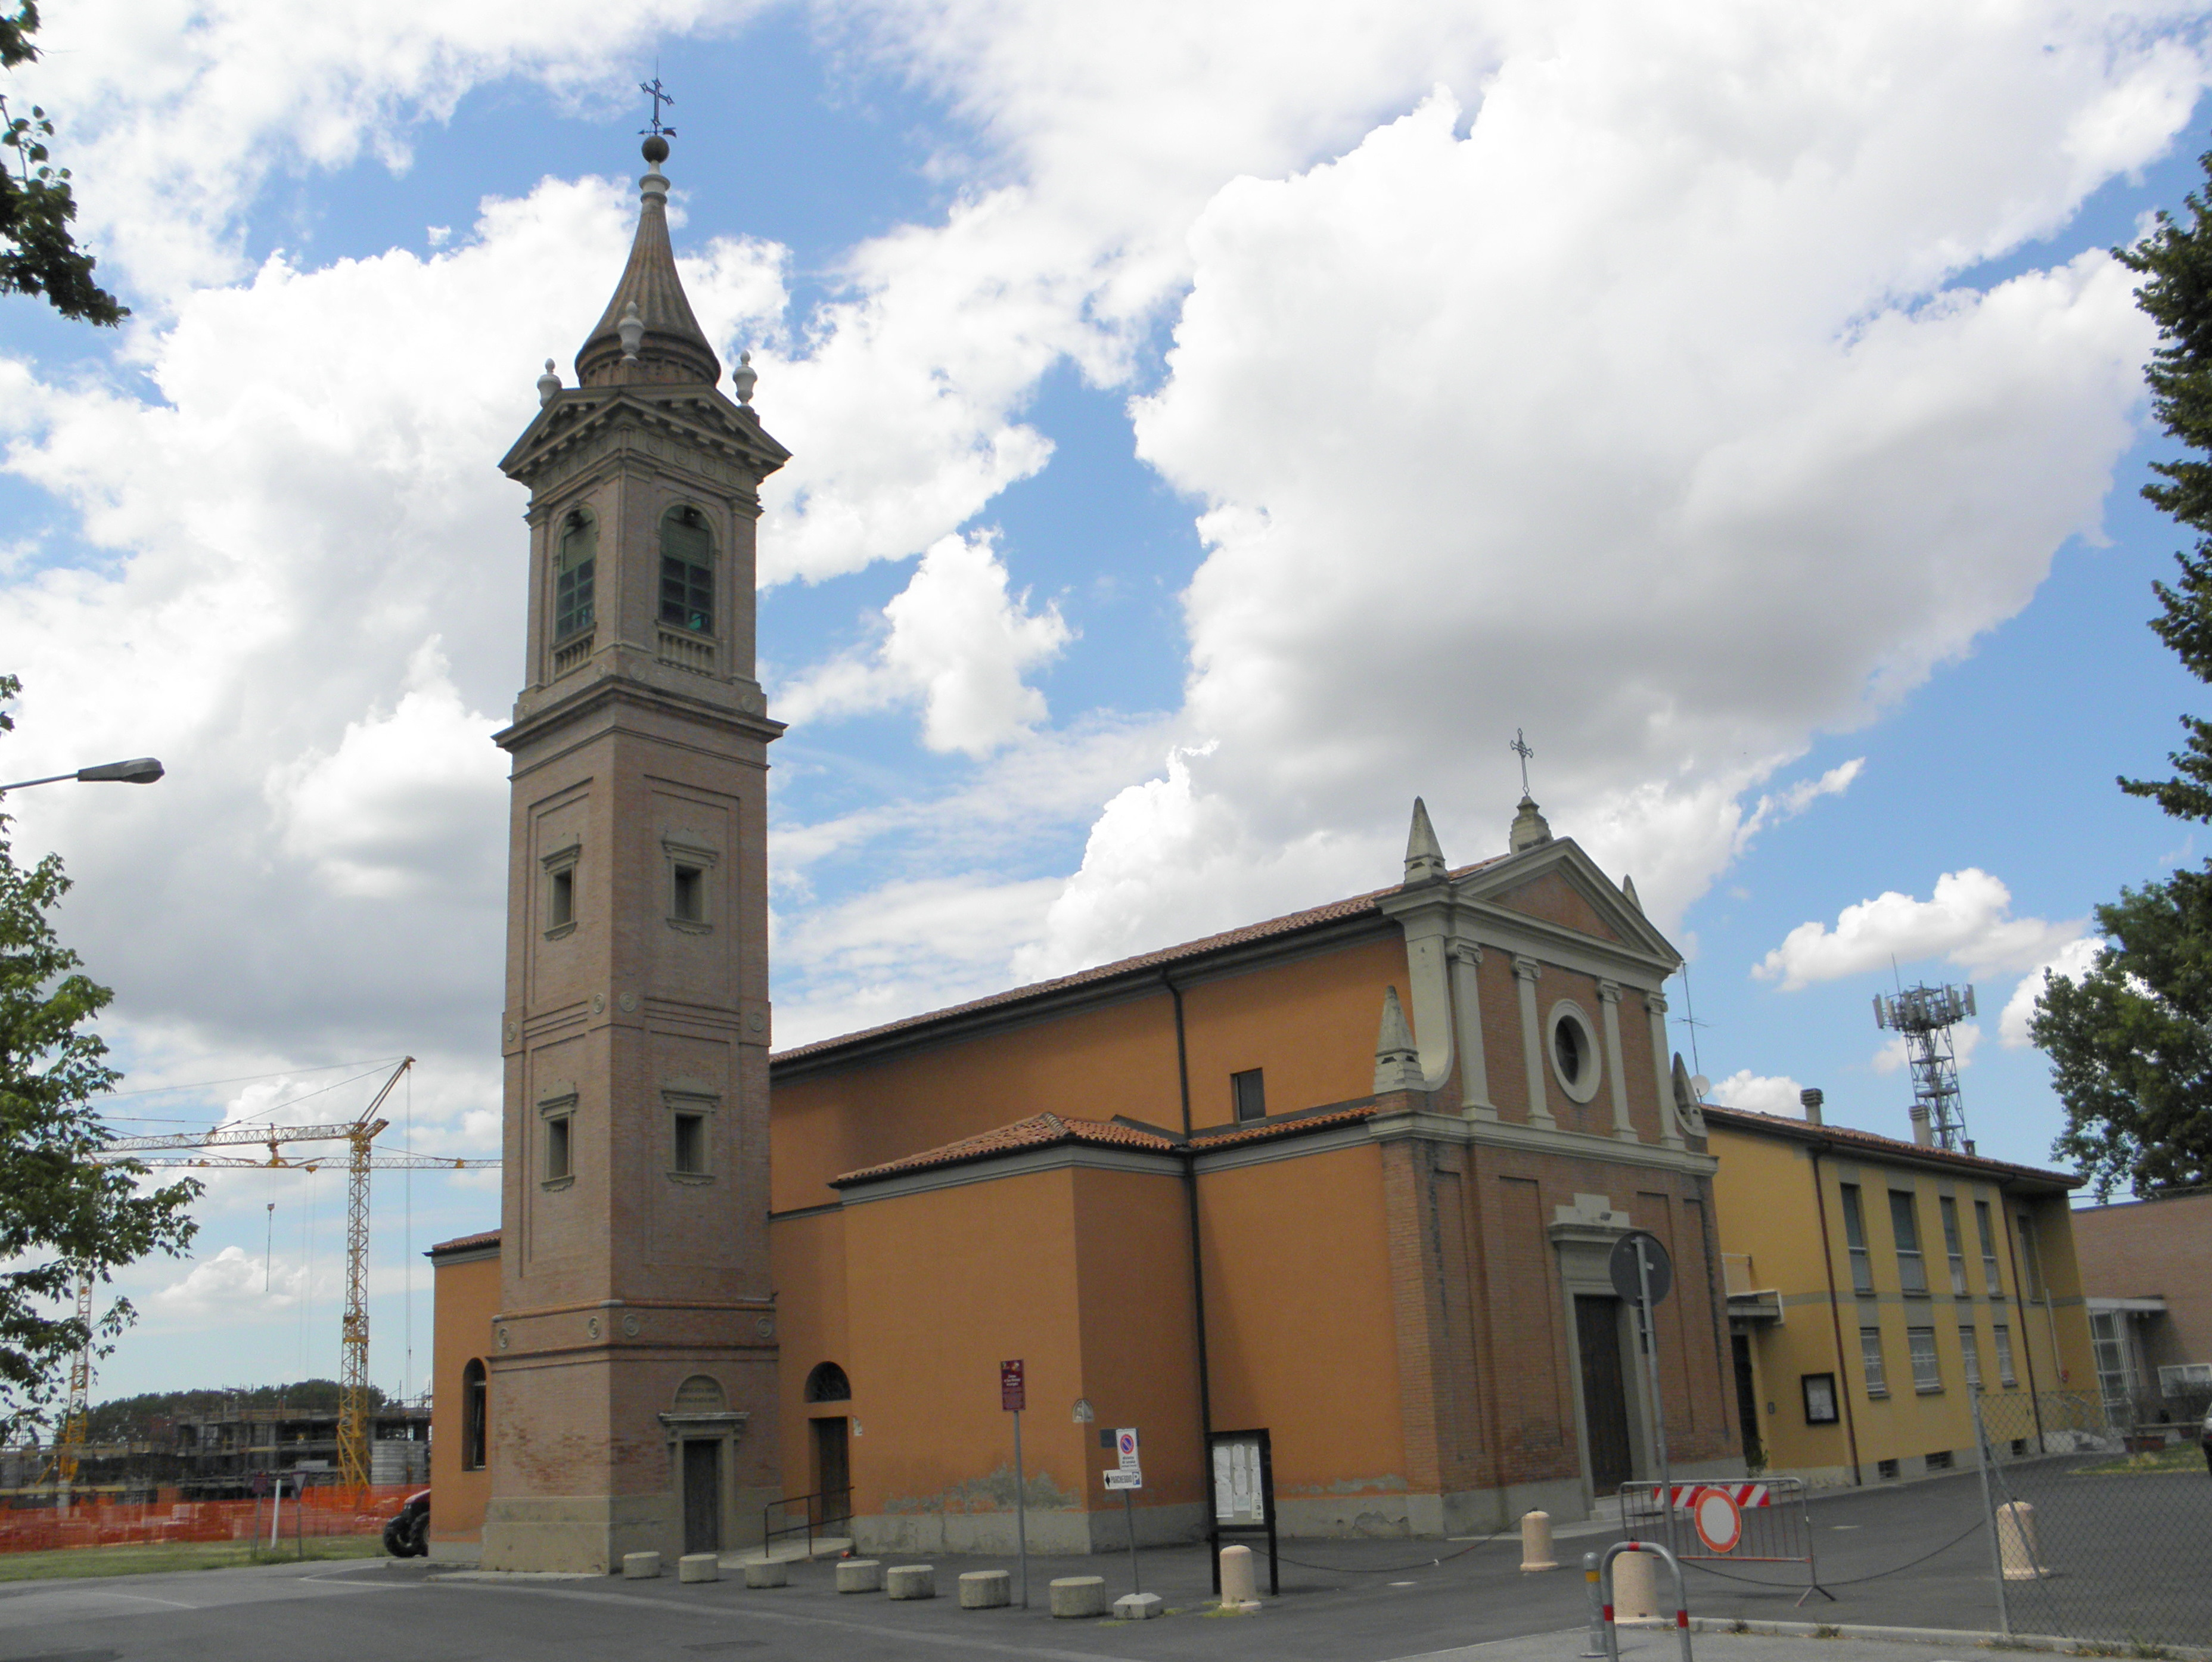 Comune Di Granarolo Dell Emilia quarto inferiore - wikipedia